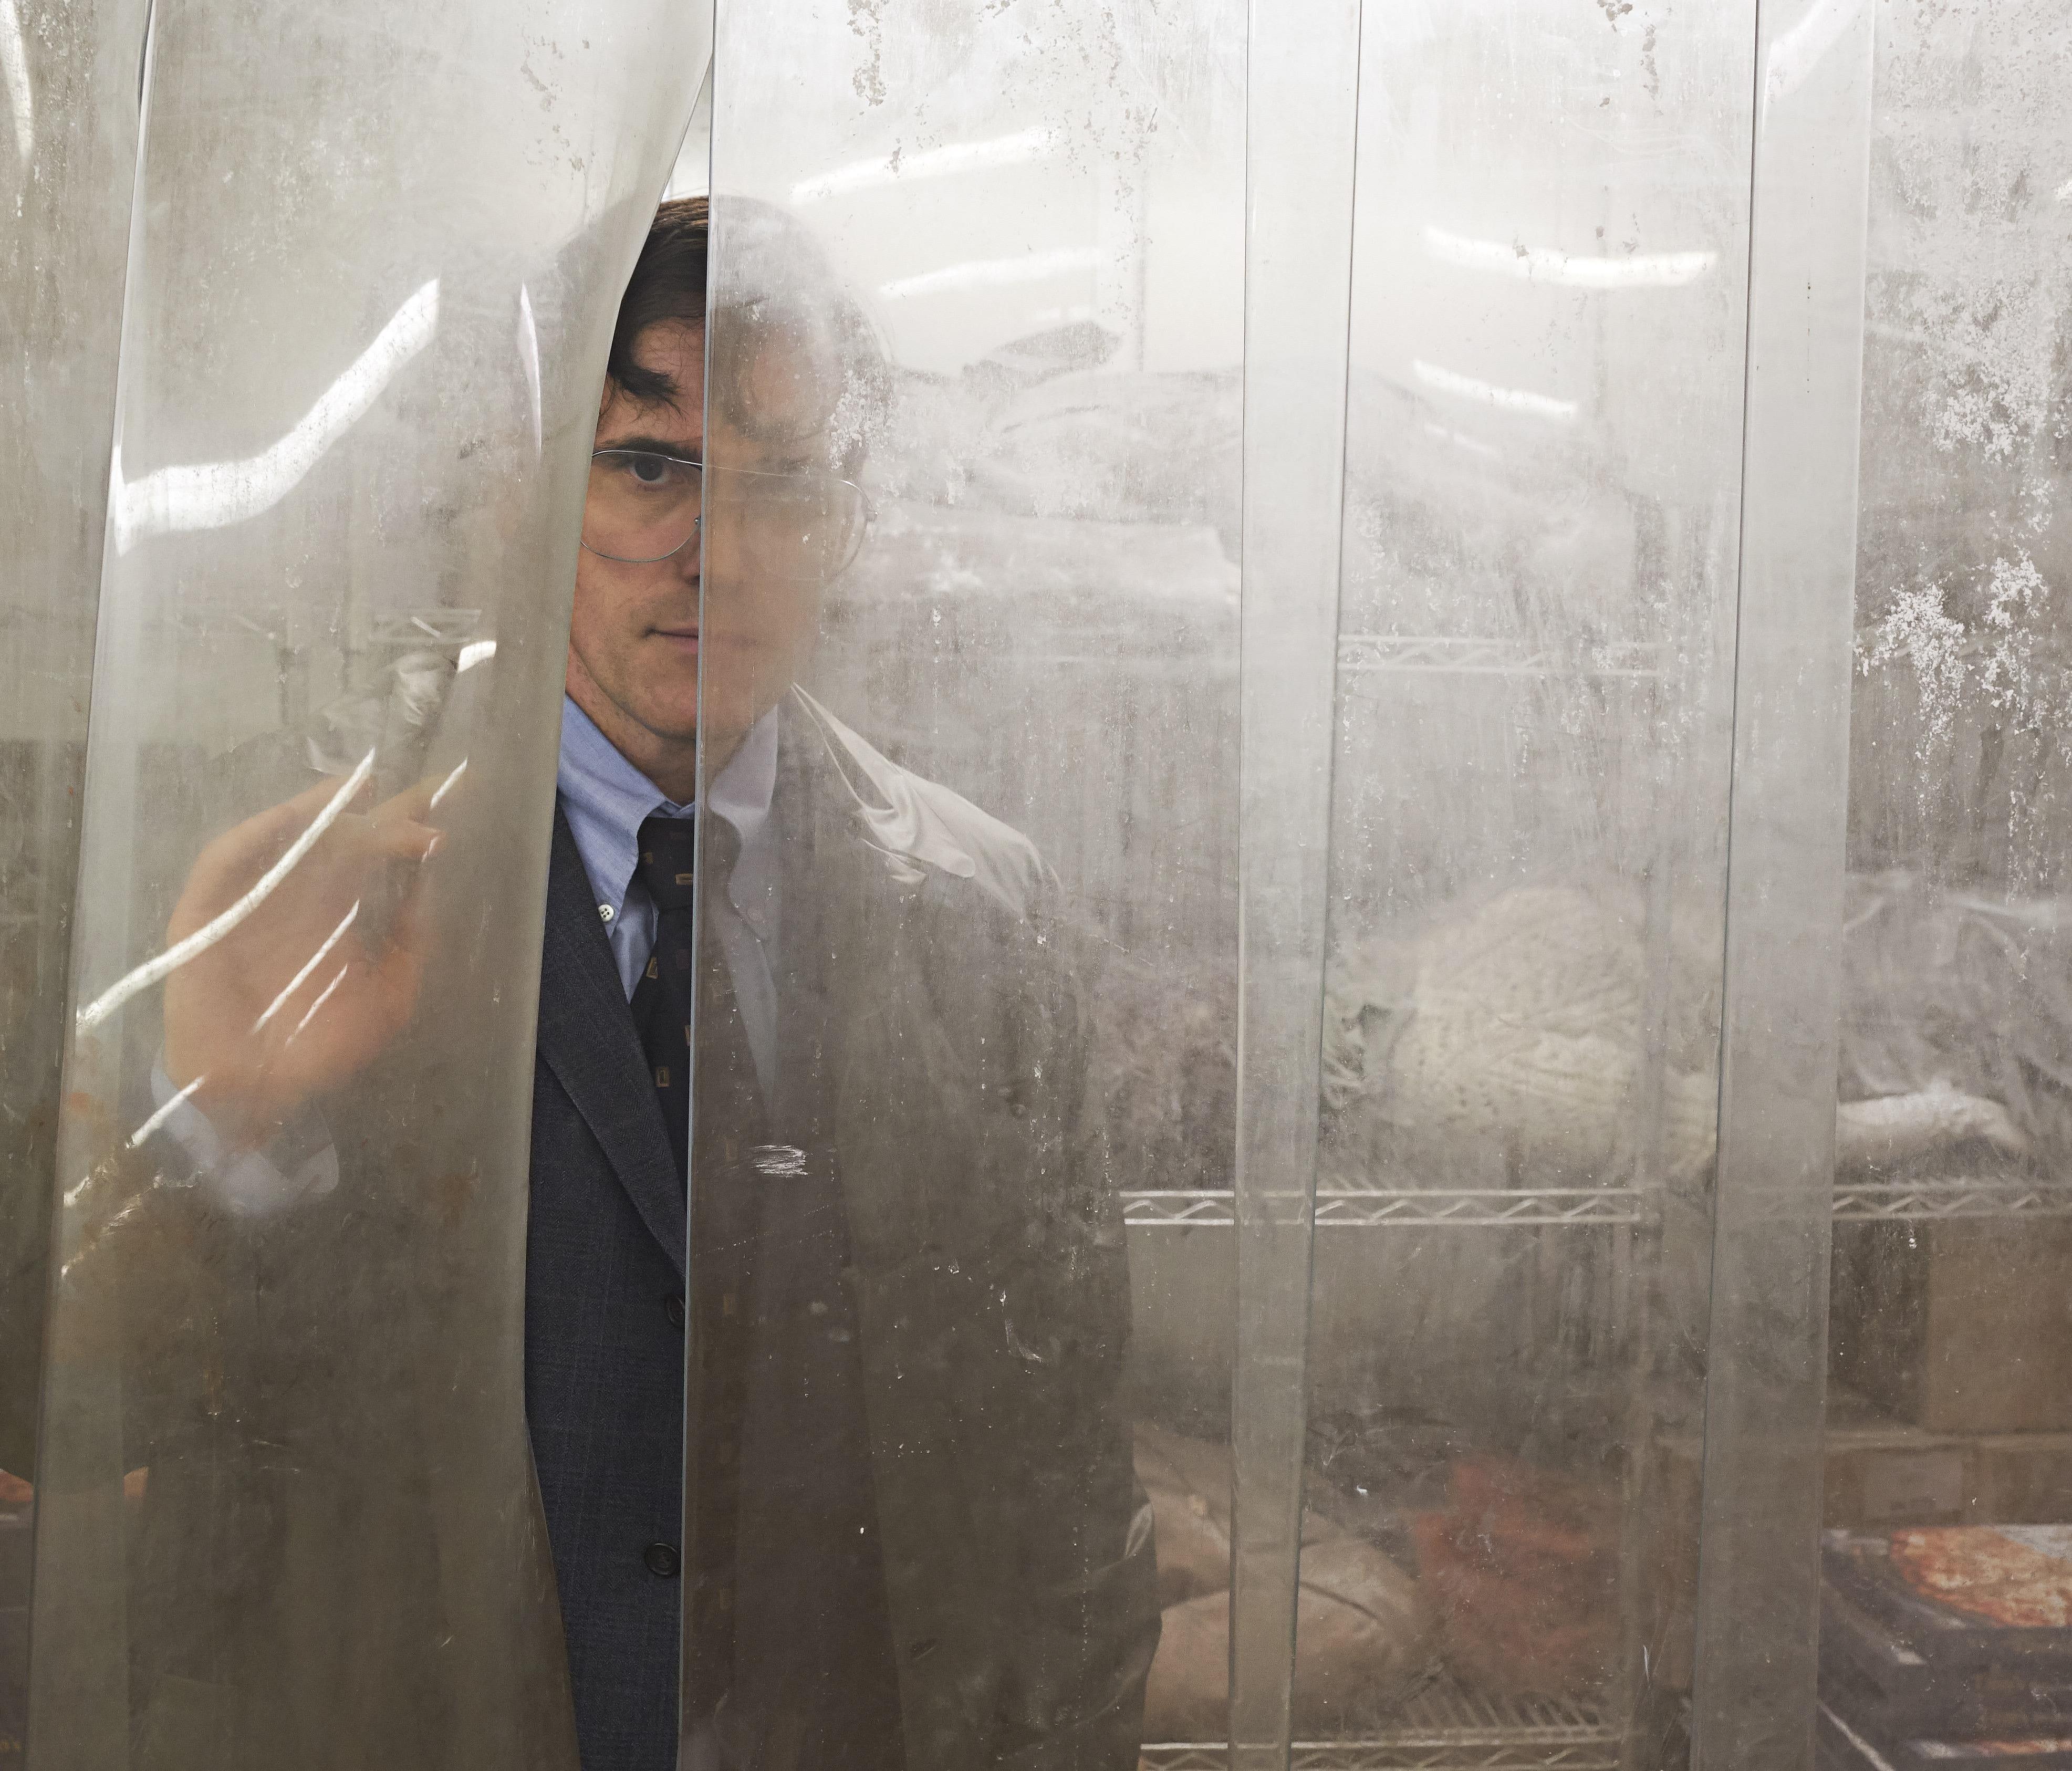 Matt Dillon stars in